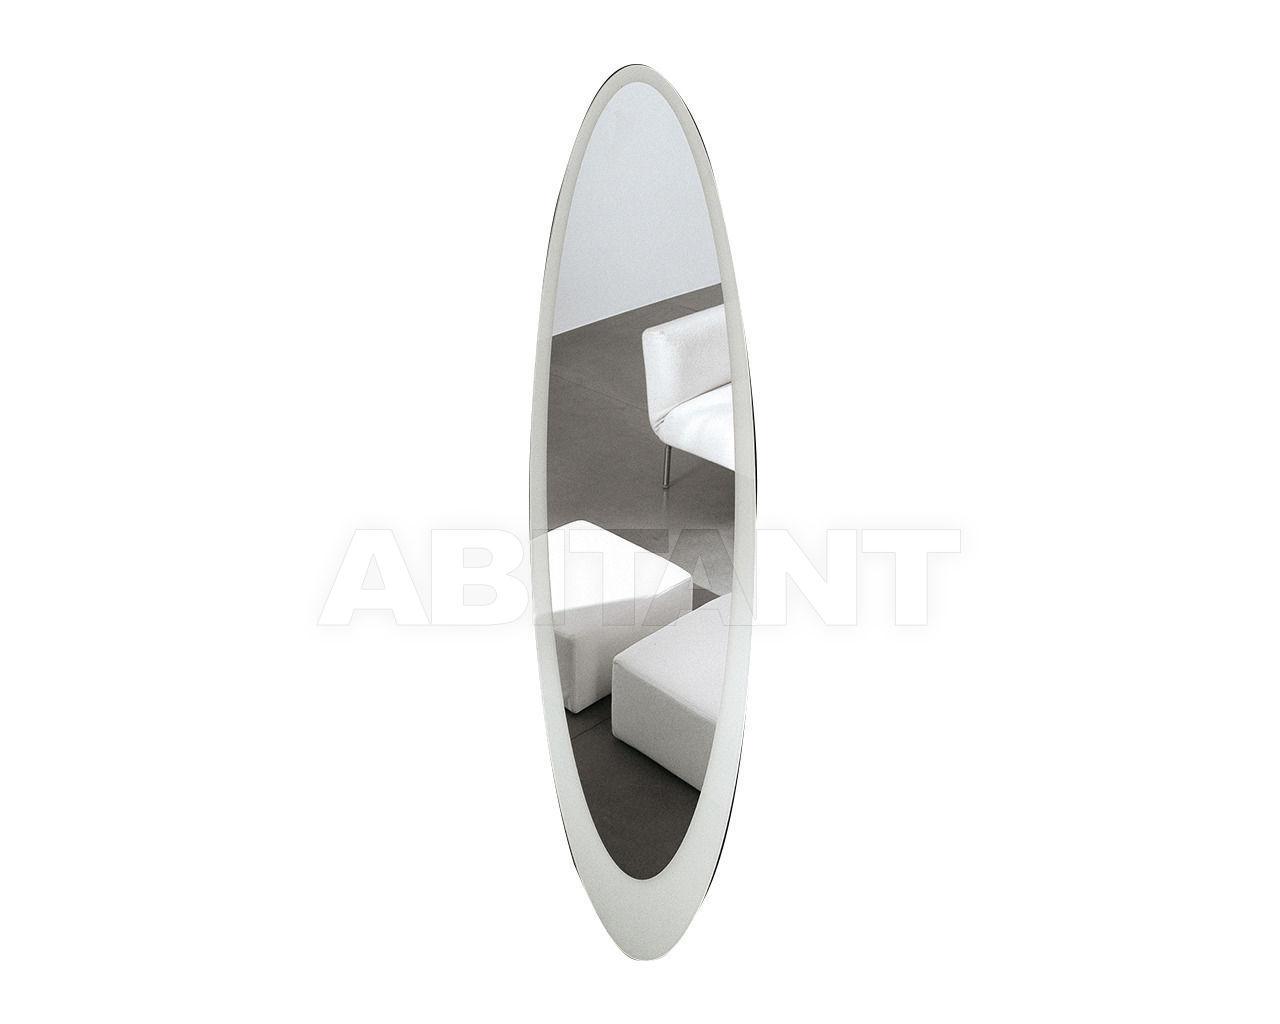 Купить Зеркало настенное Olmi  Tonin Casa Rossa 7507